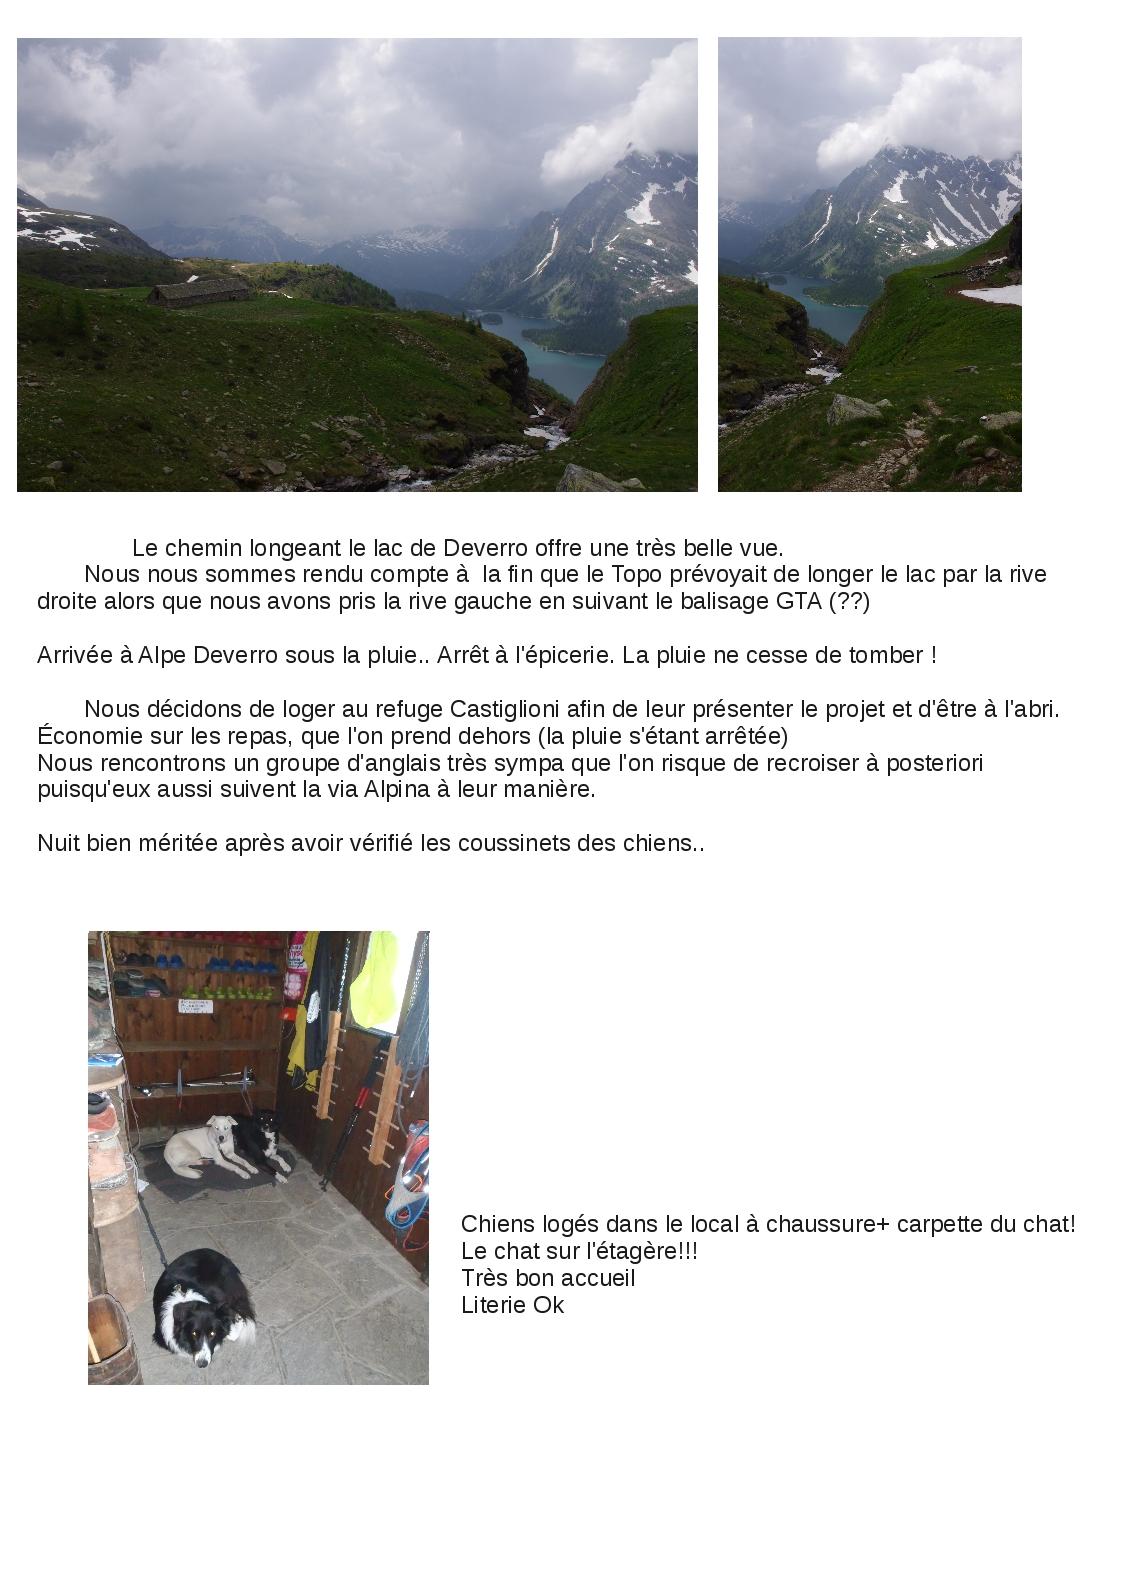 RANDOCABO sur la Via Alpina Carnet+de+bord+Via+Alpina+8